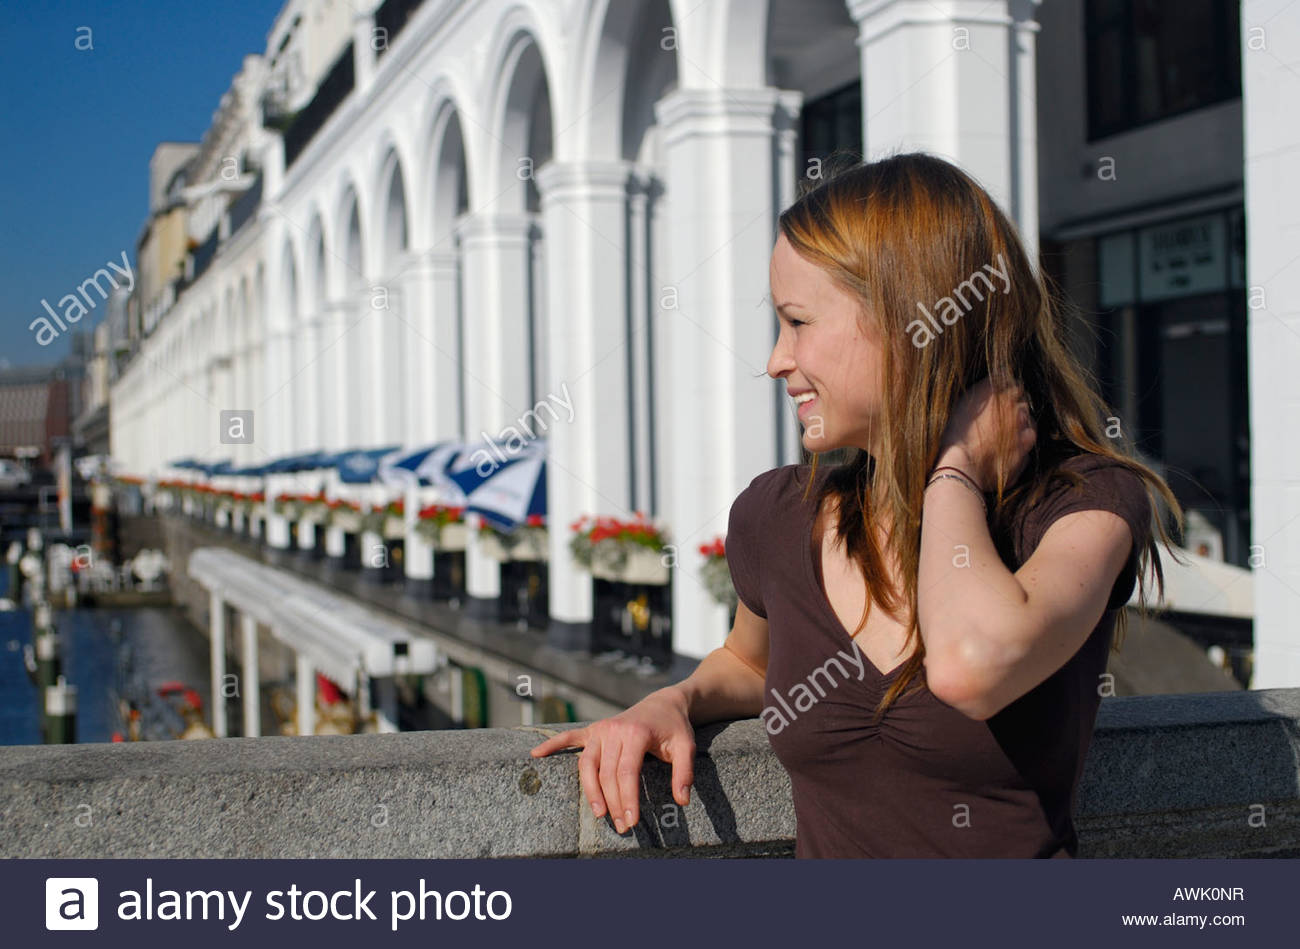 Deutschland Hamburg Stadt Großstadt Tag tagsüber Jungfernstieg Frau Frauen jung junge Sommer Sommerwetter - Stock Image